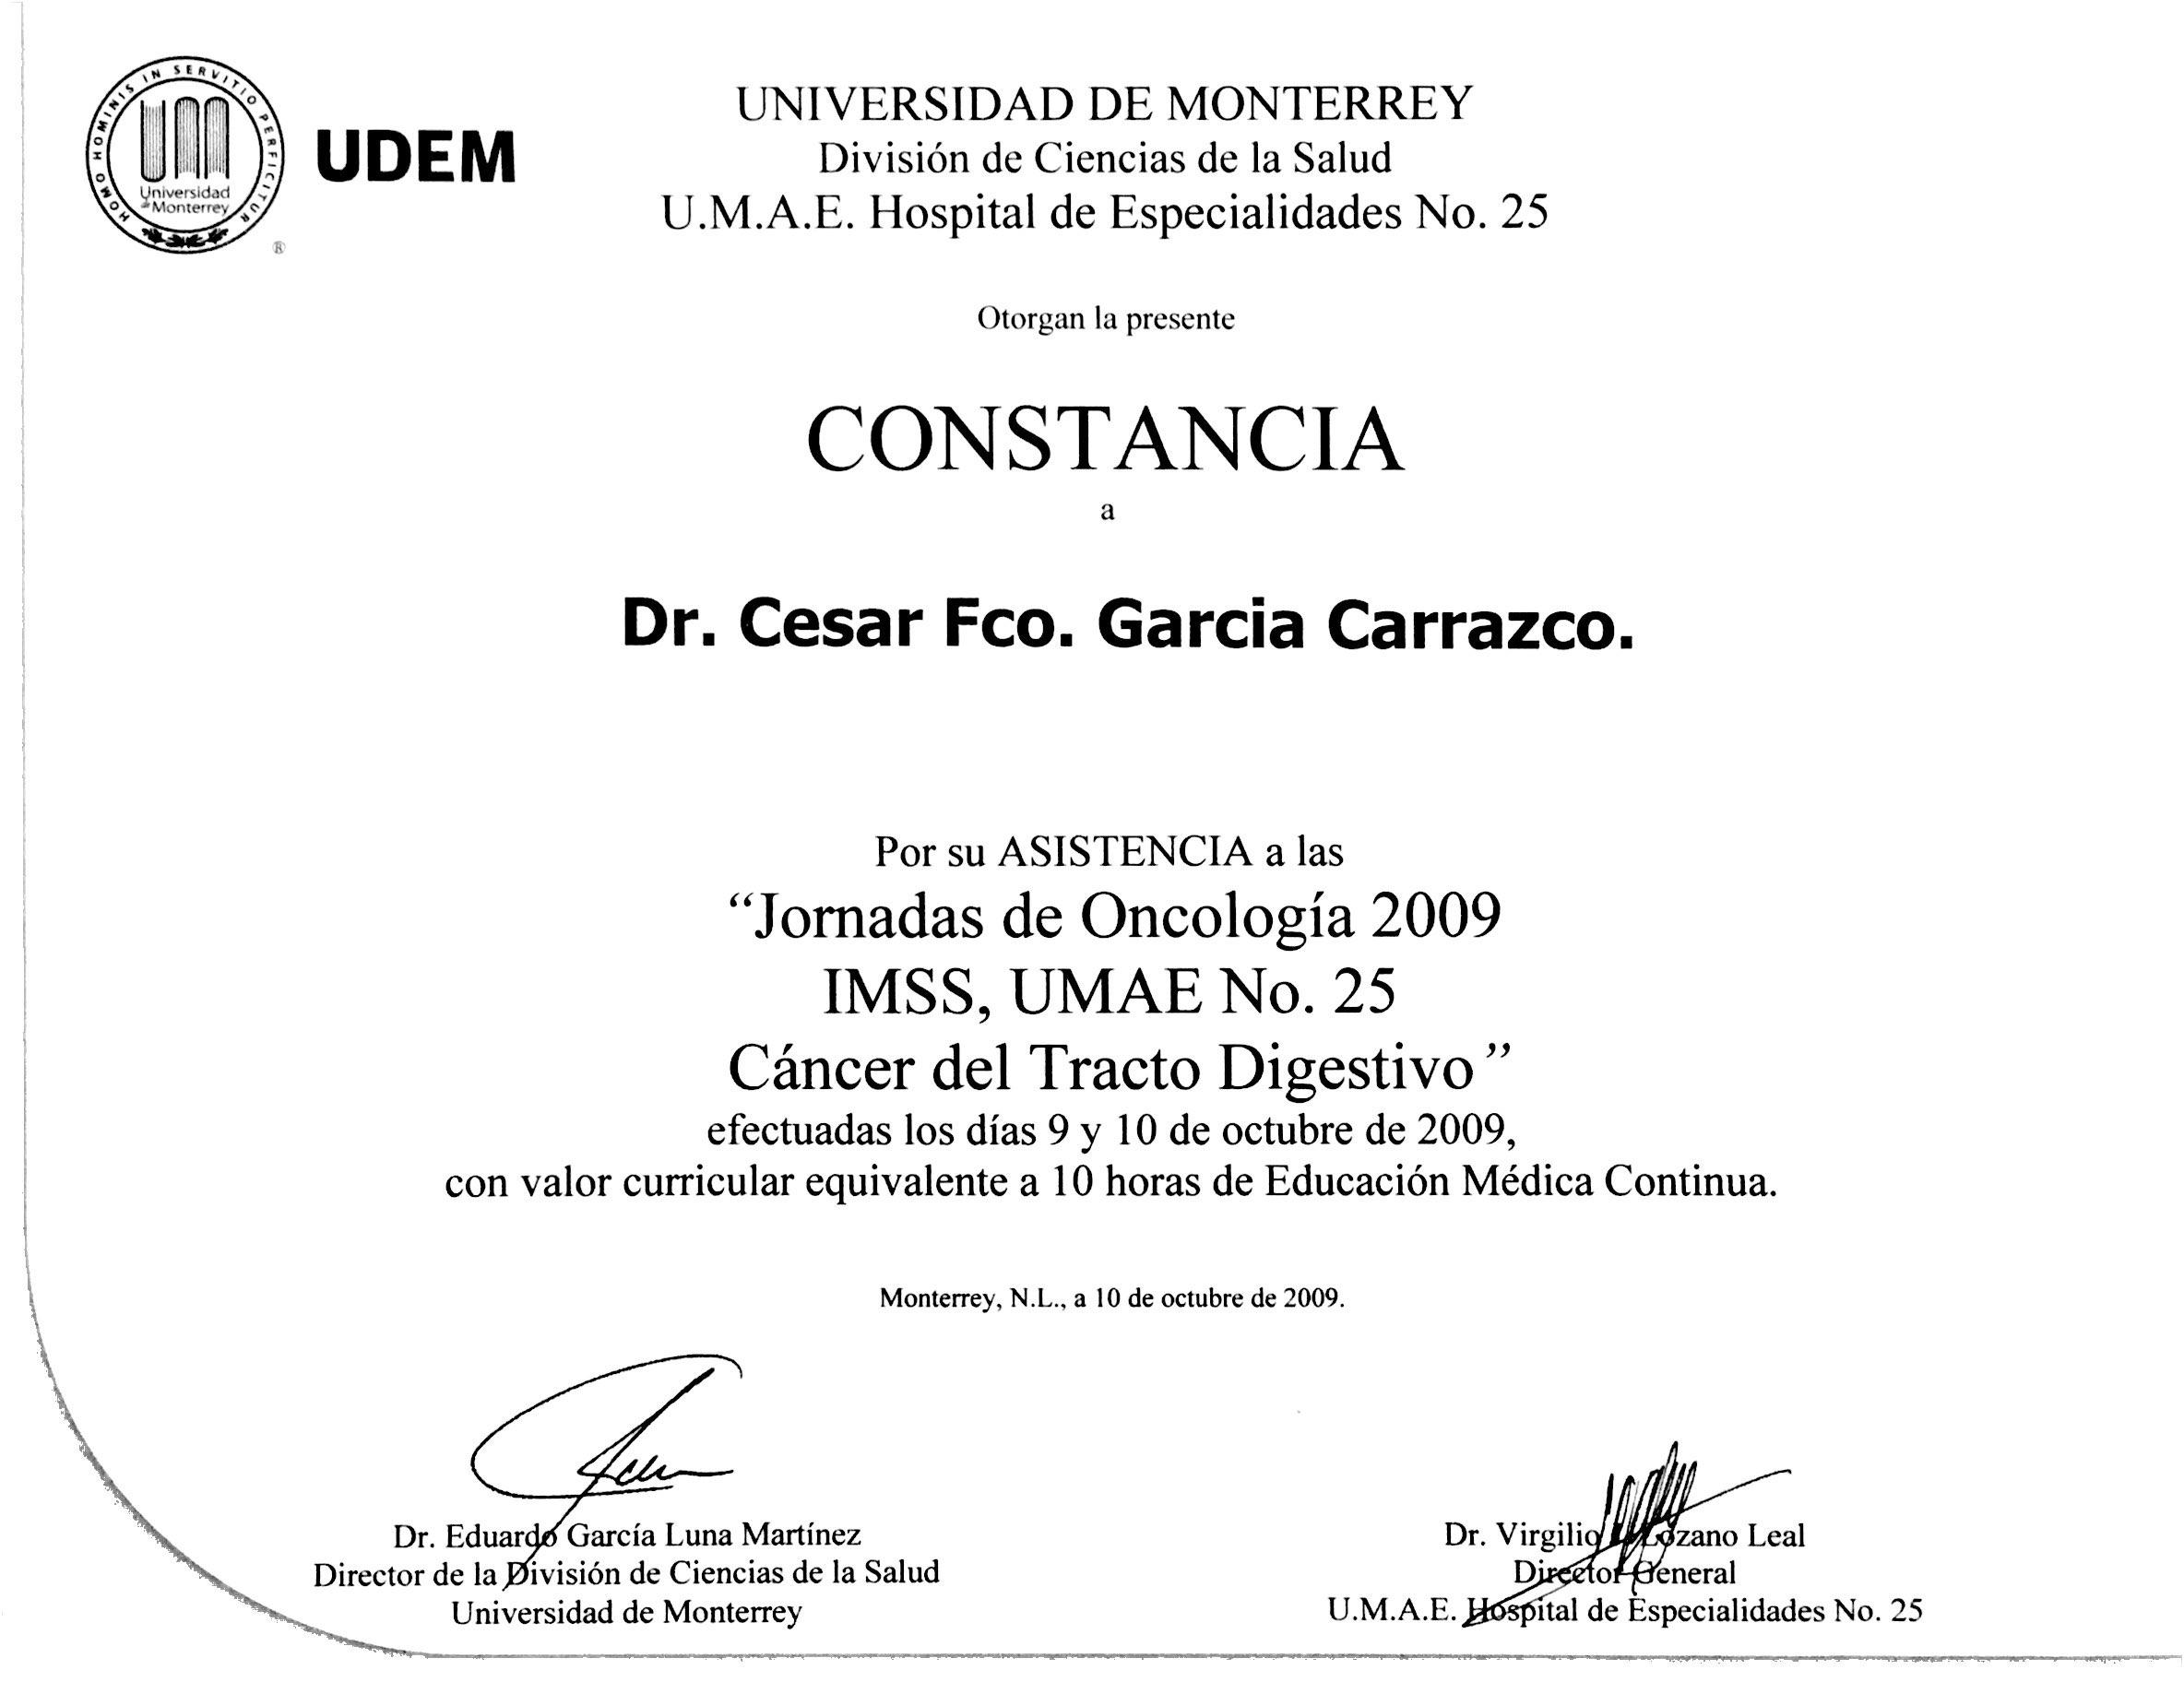 Dr. Garcia Carrazco_24